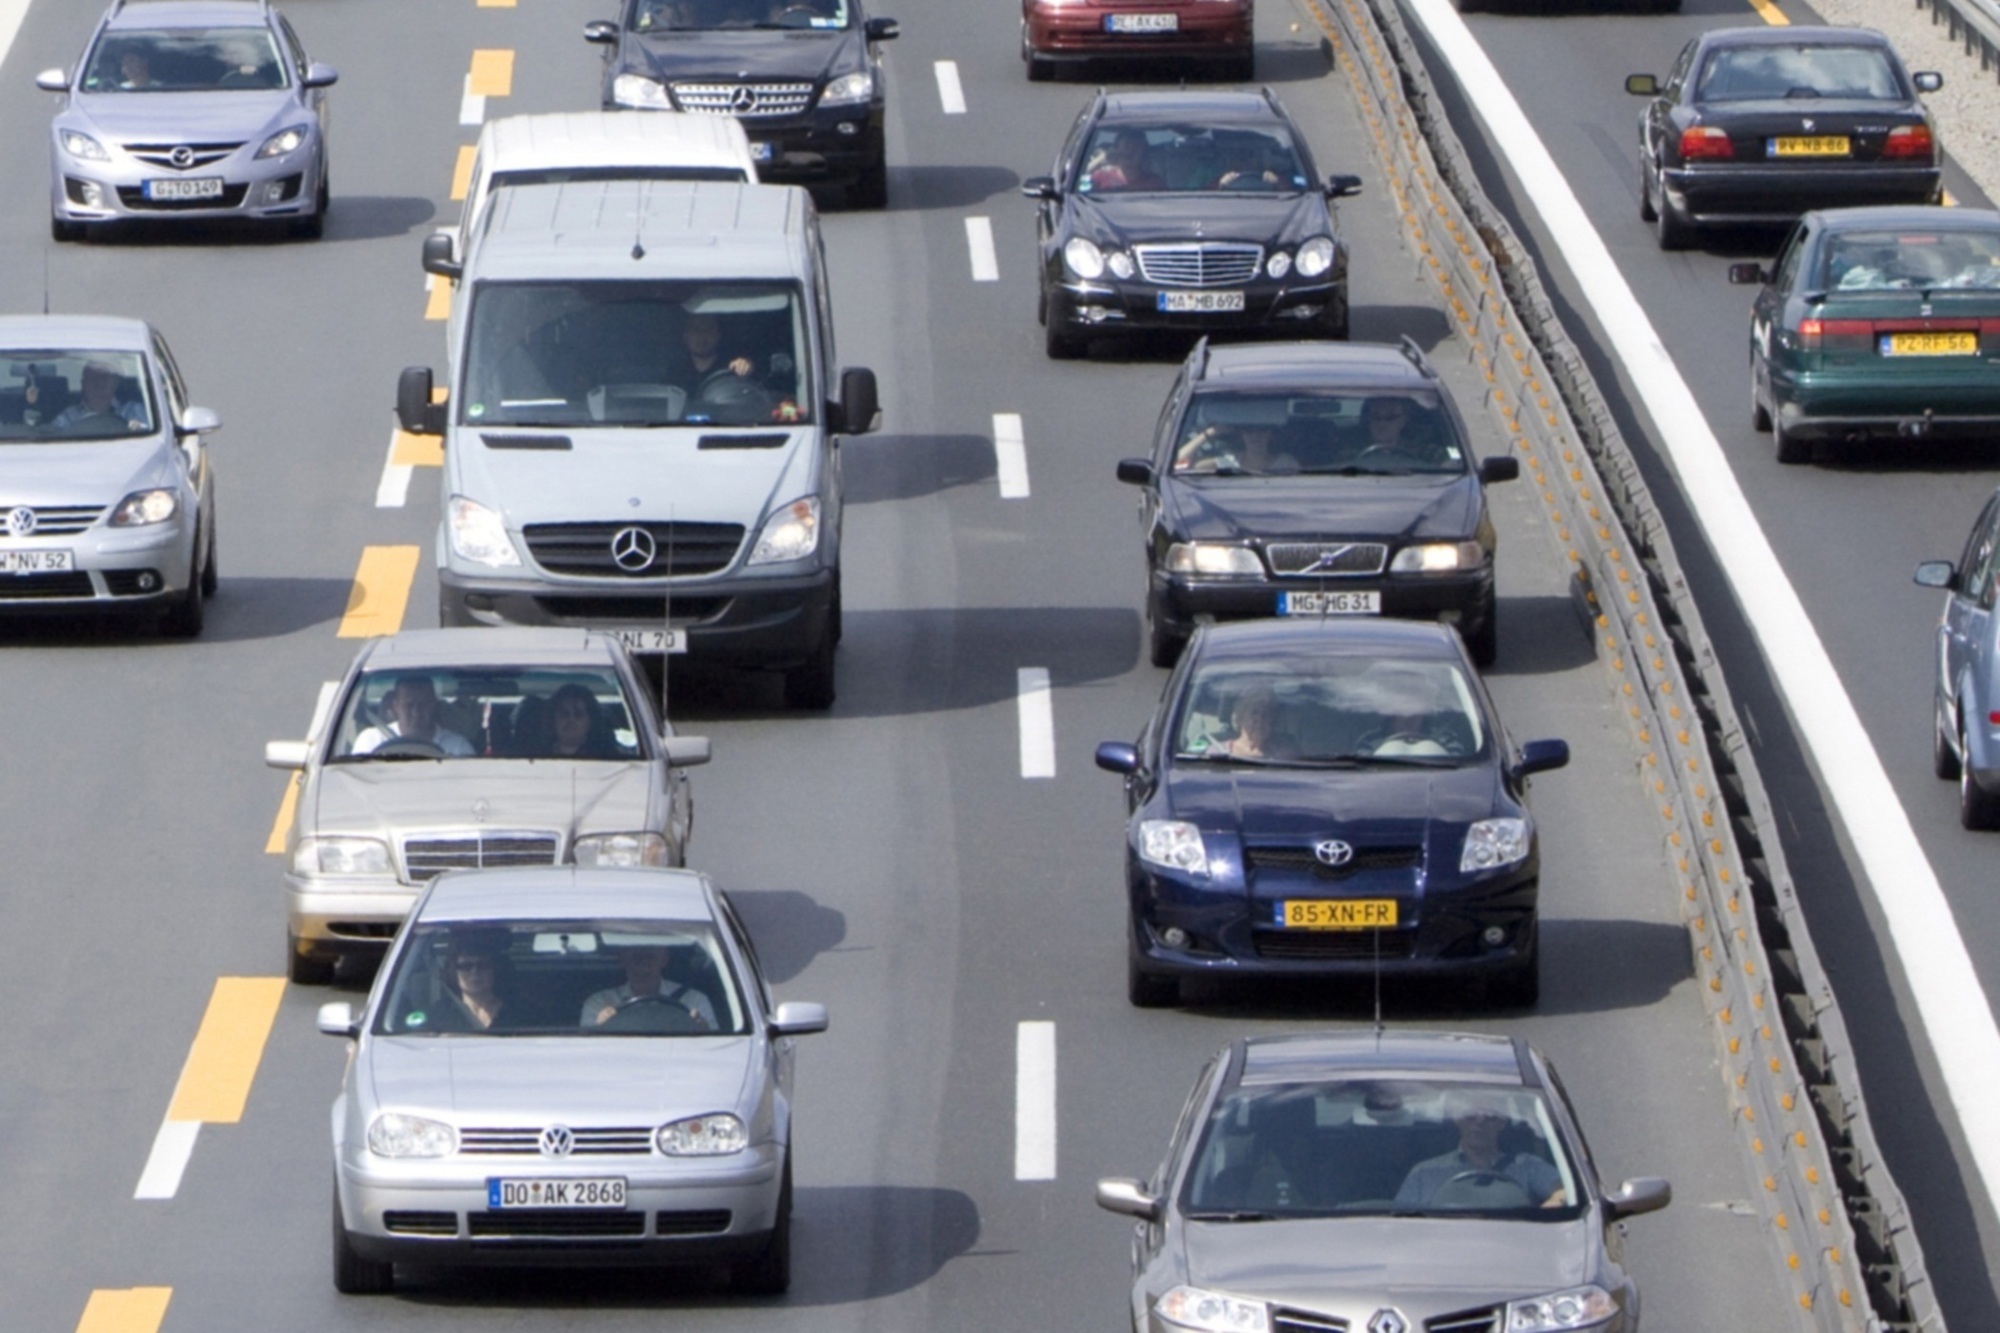 Turnusmäßige Verkehrszählung - Eins, zwei, drei